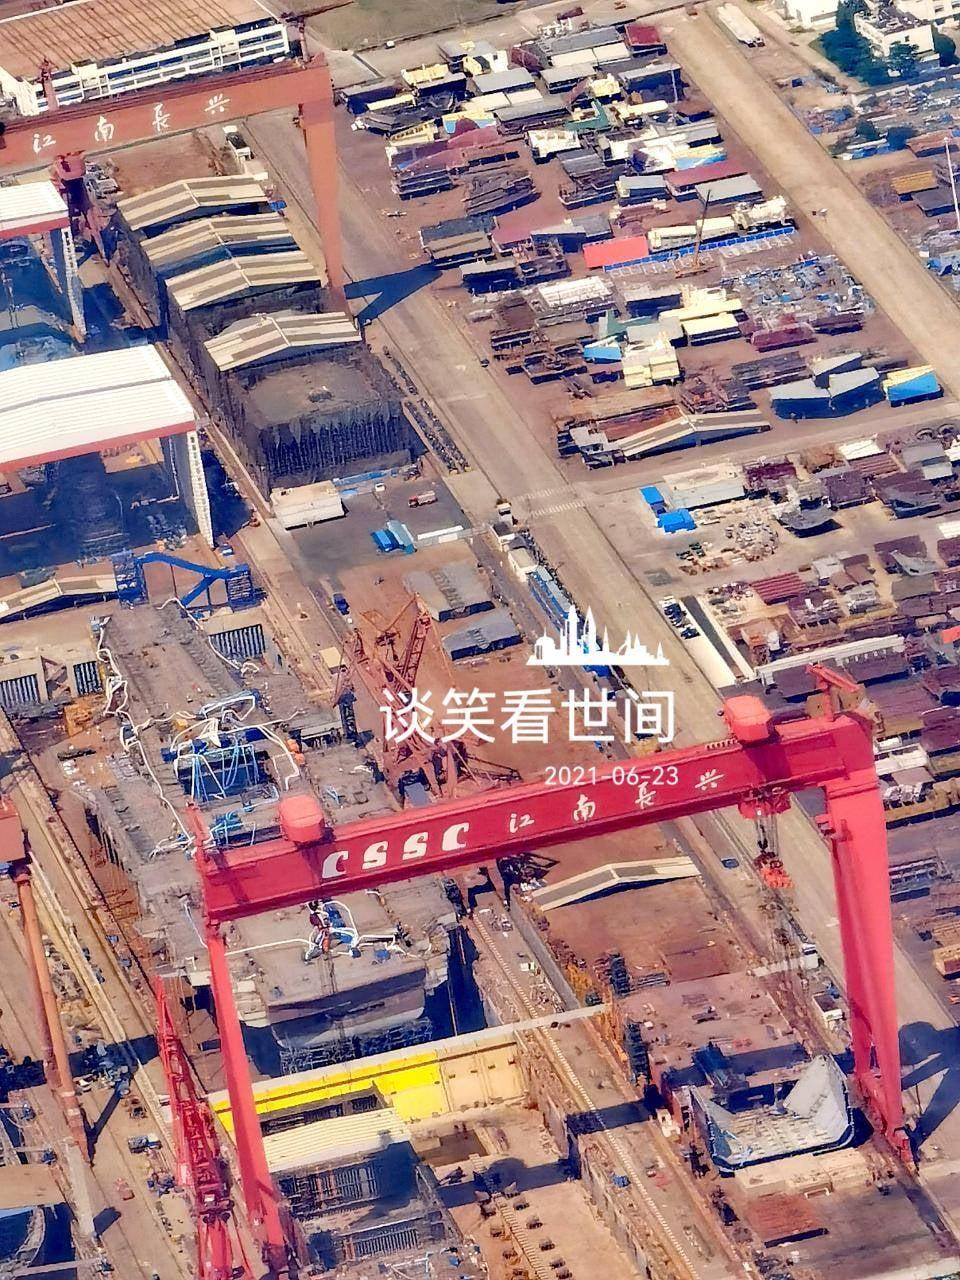 Marine chinoise - Chinese navy - Page 20 2694